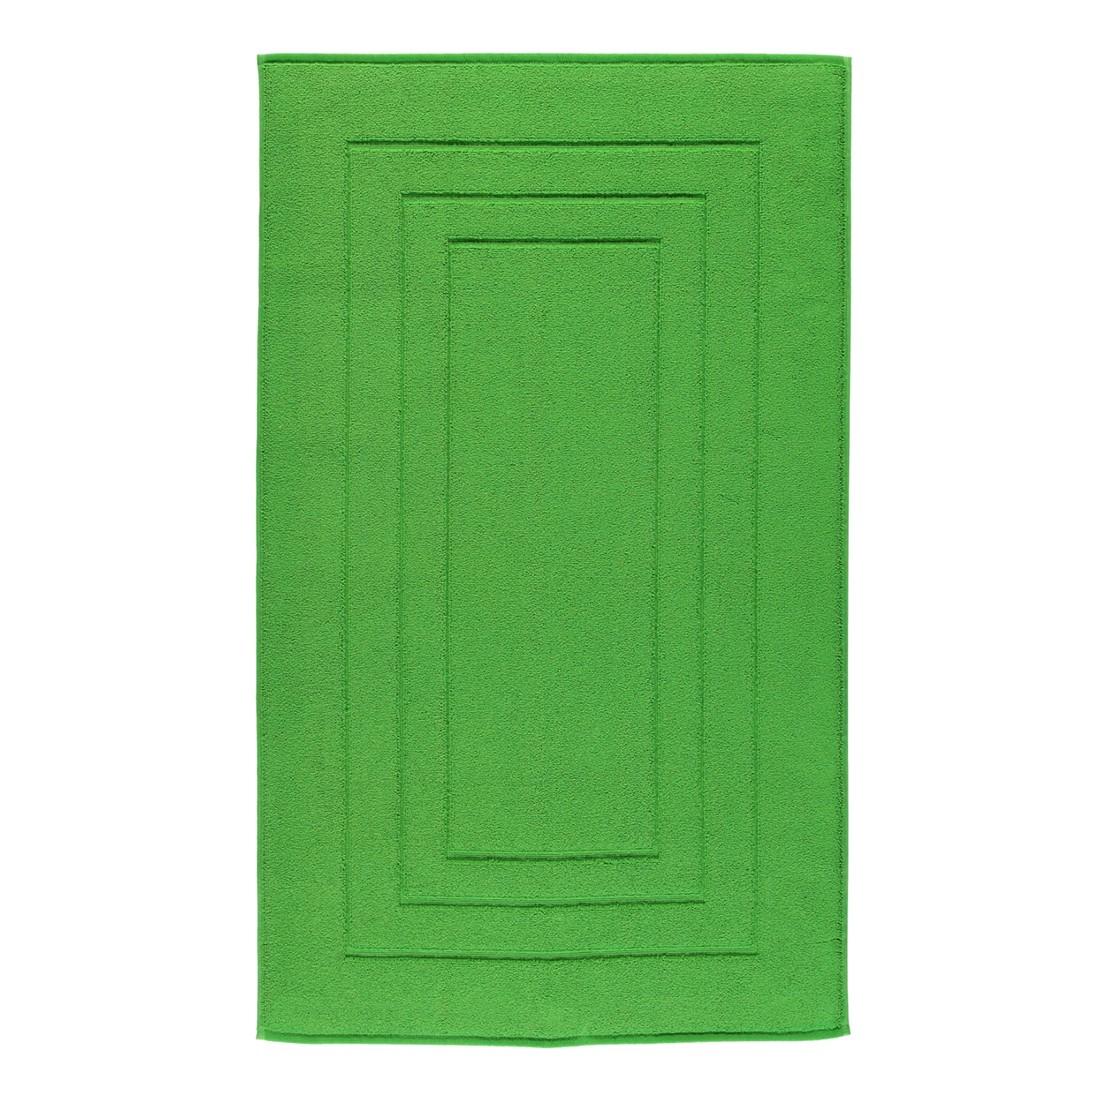 Badteppich Calypso Feeling – 100% Baumwolle valley green – 565 – 60 x 60 cm, Vossen günstig bestellen